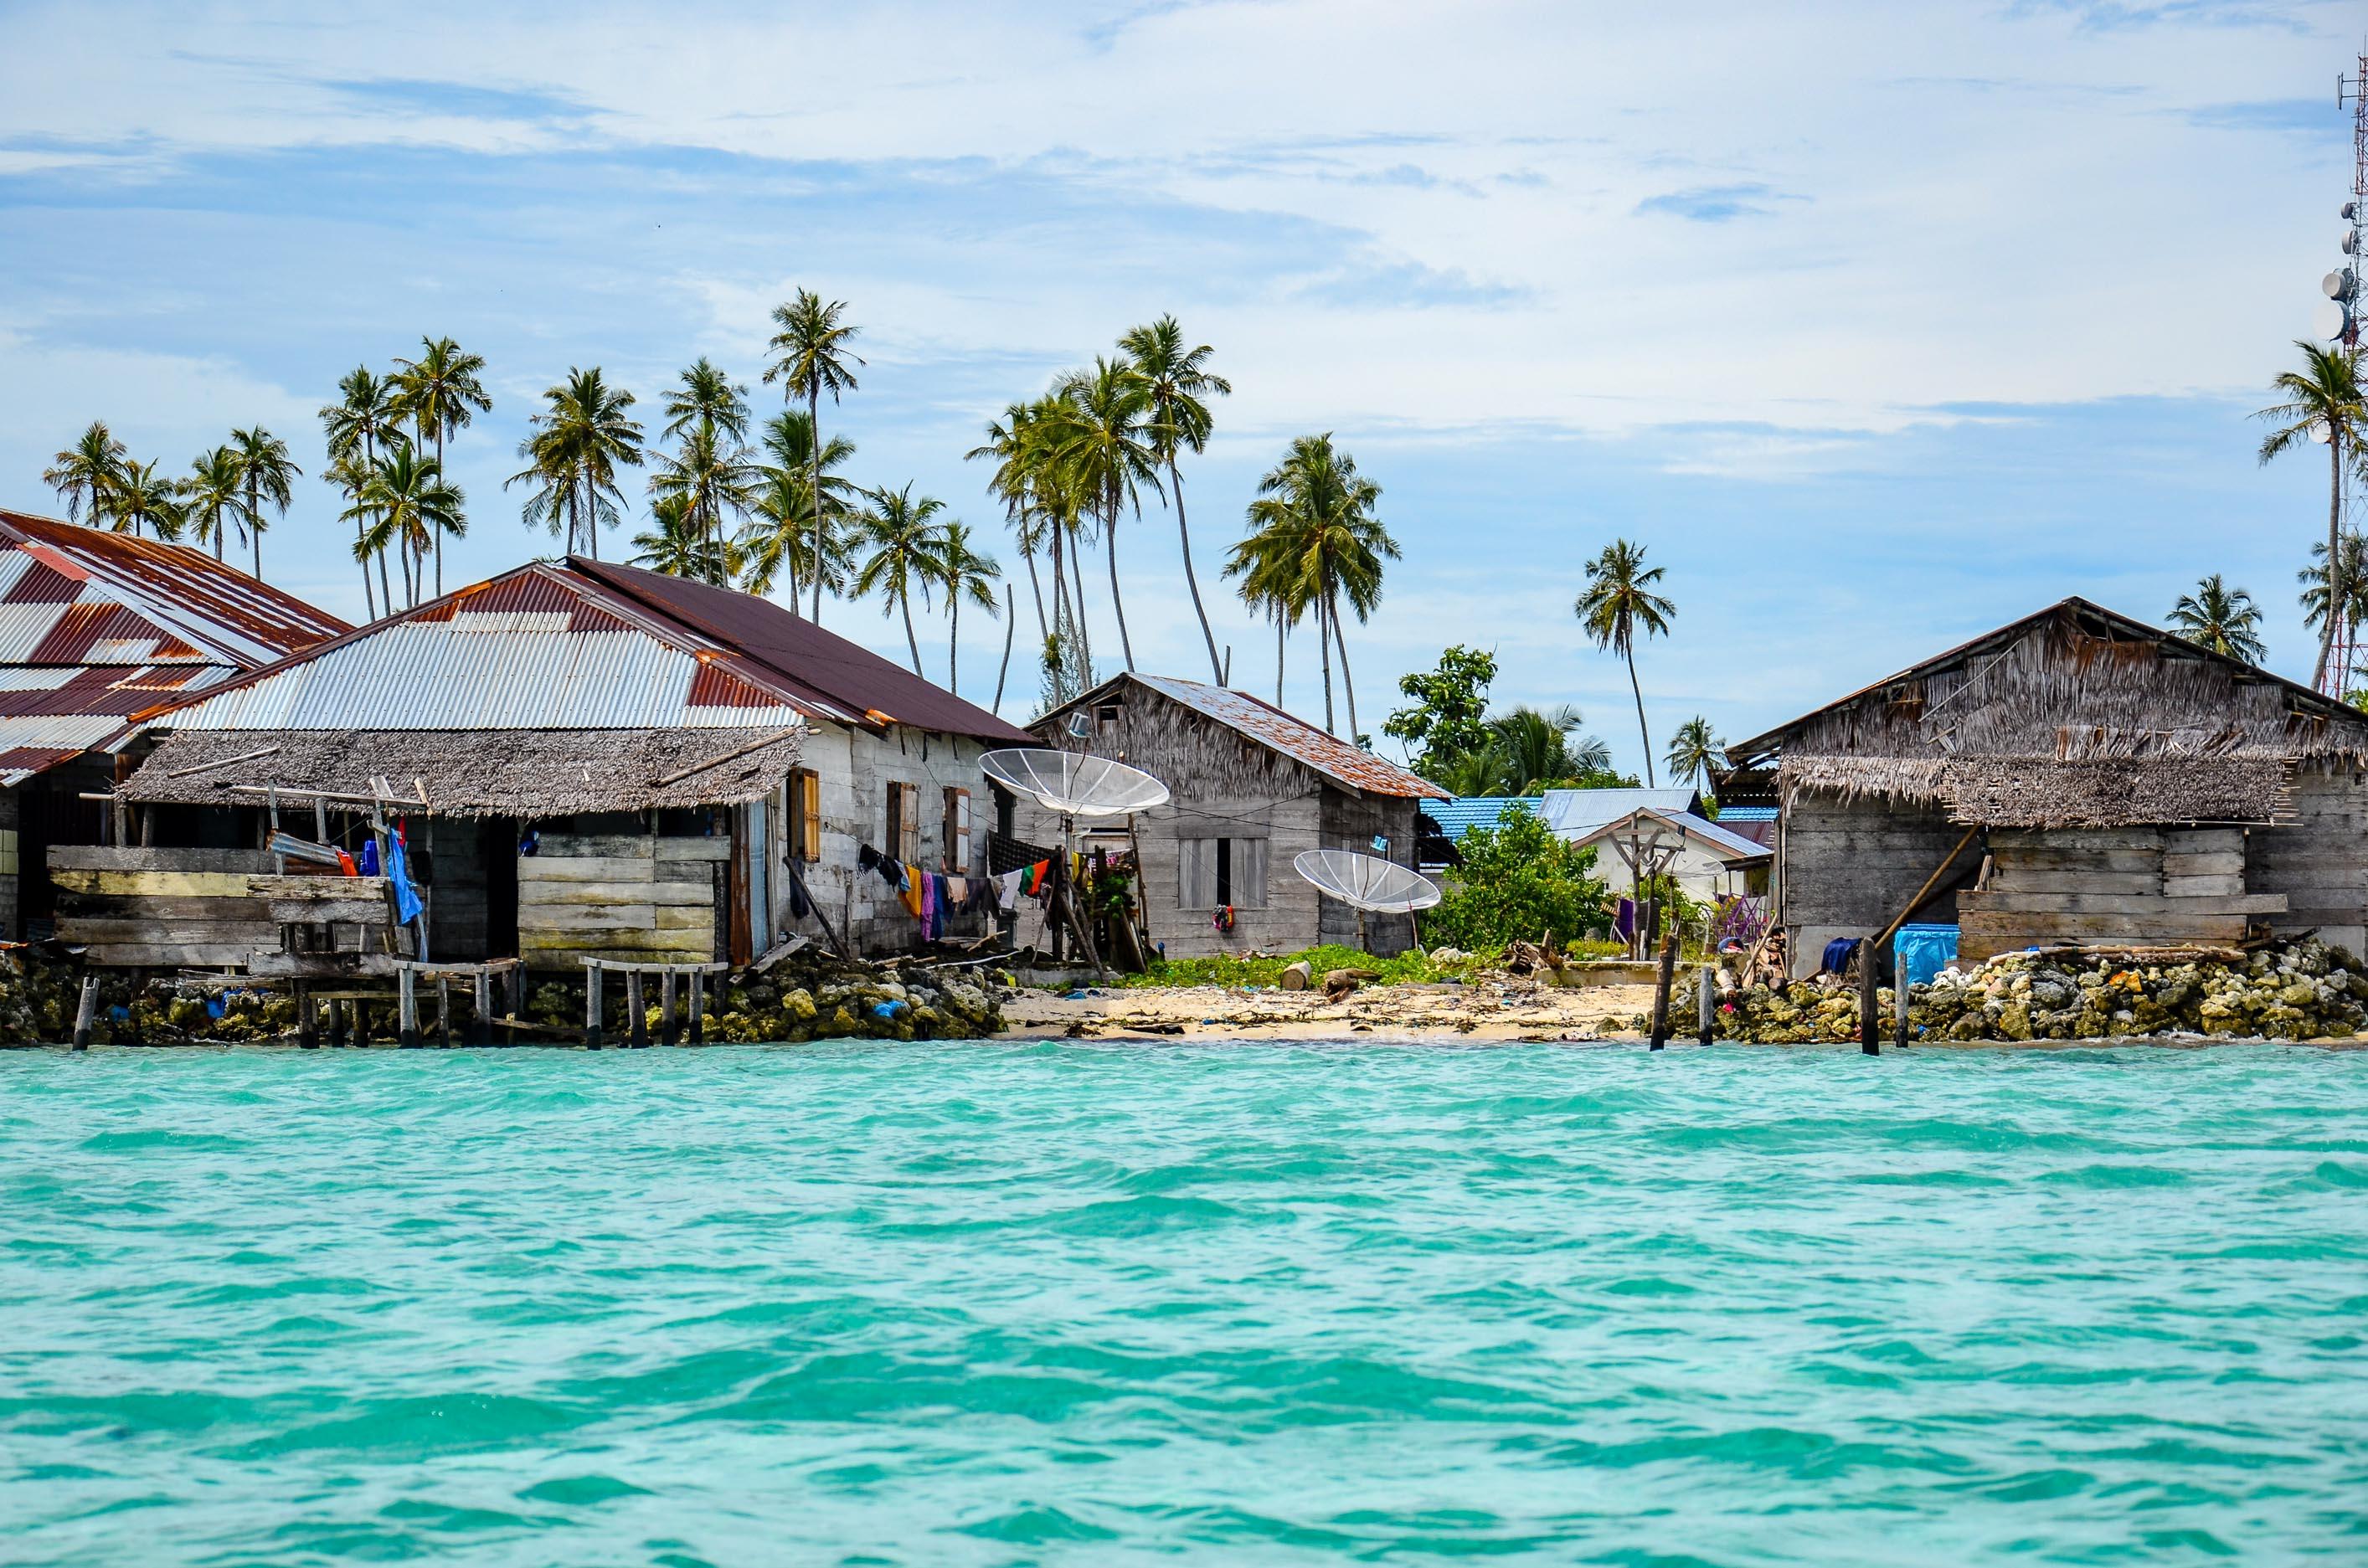 Zabudowania Pulau Balai. Wyspy Banyak, Indonezja